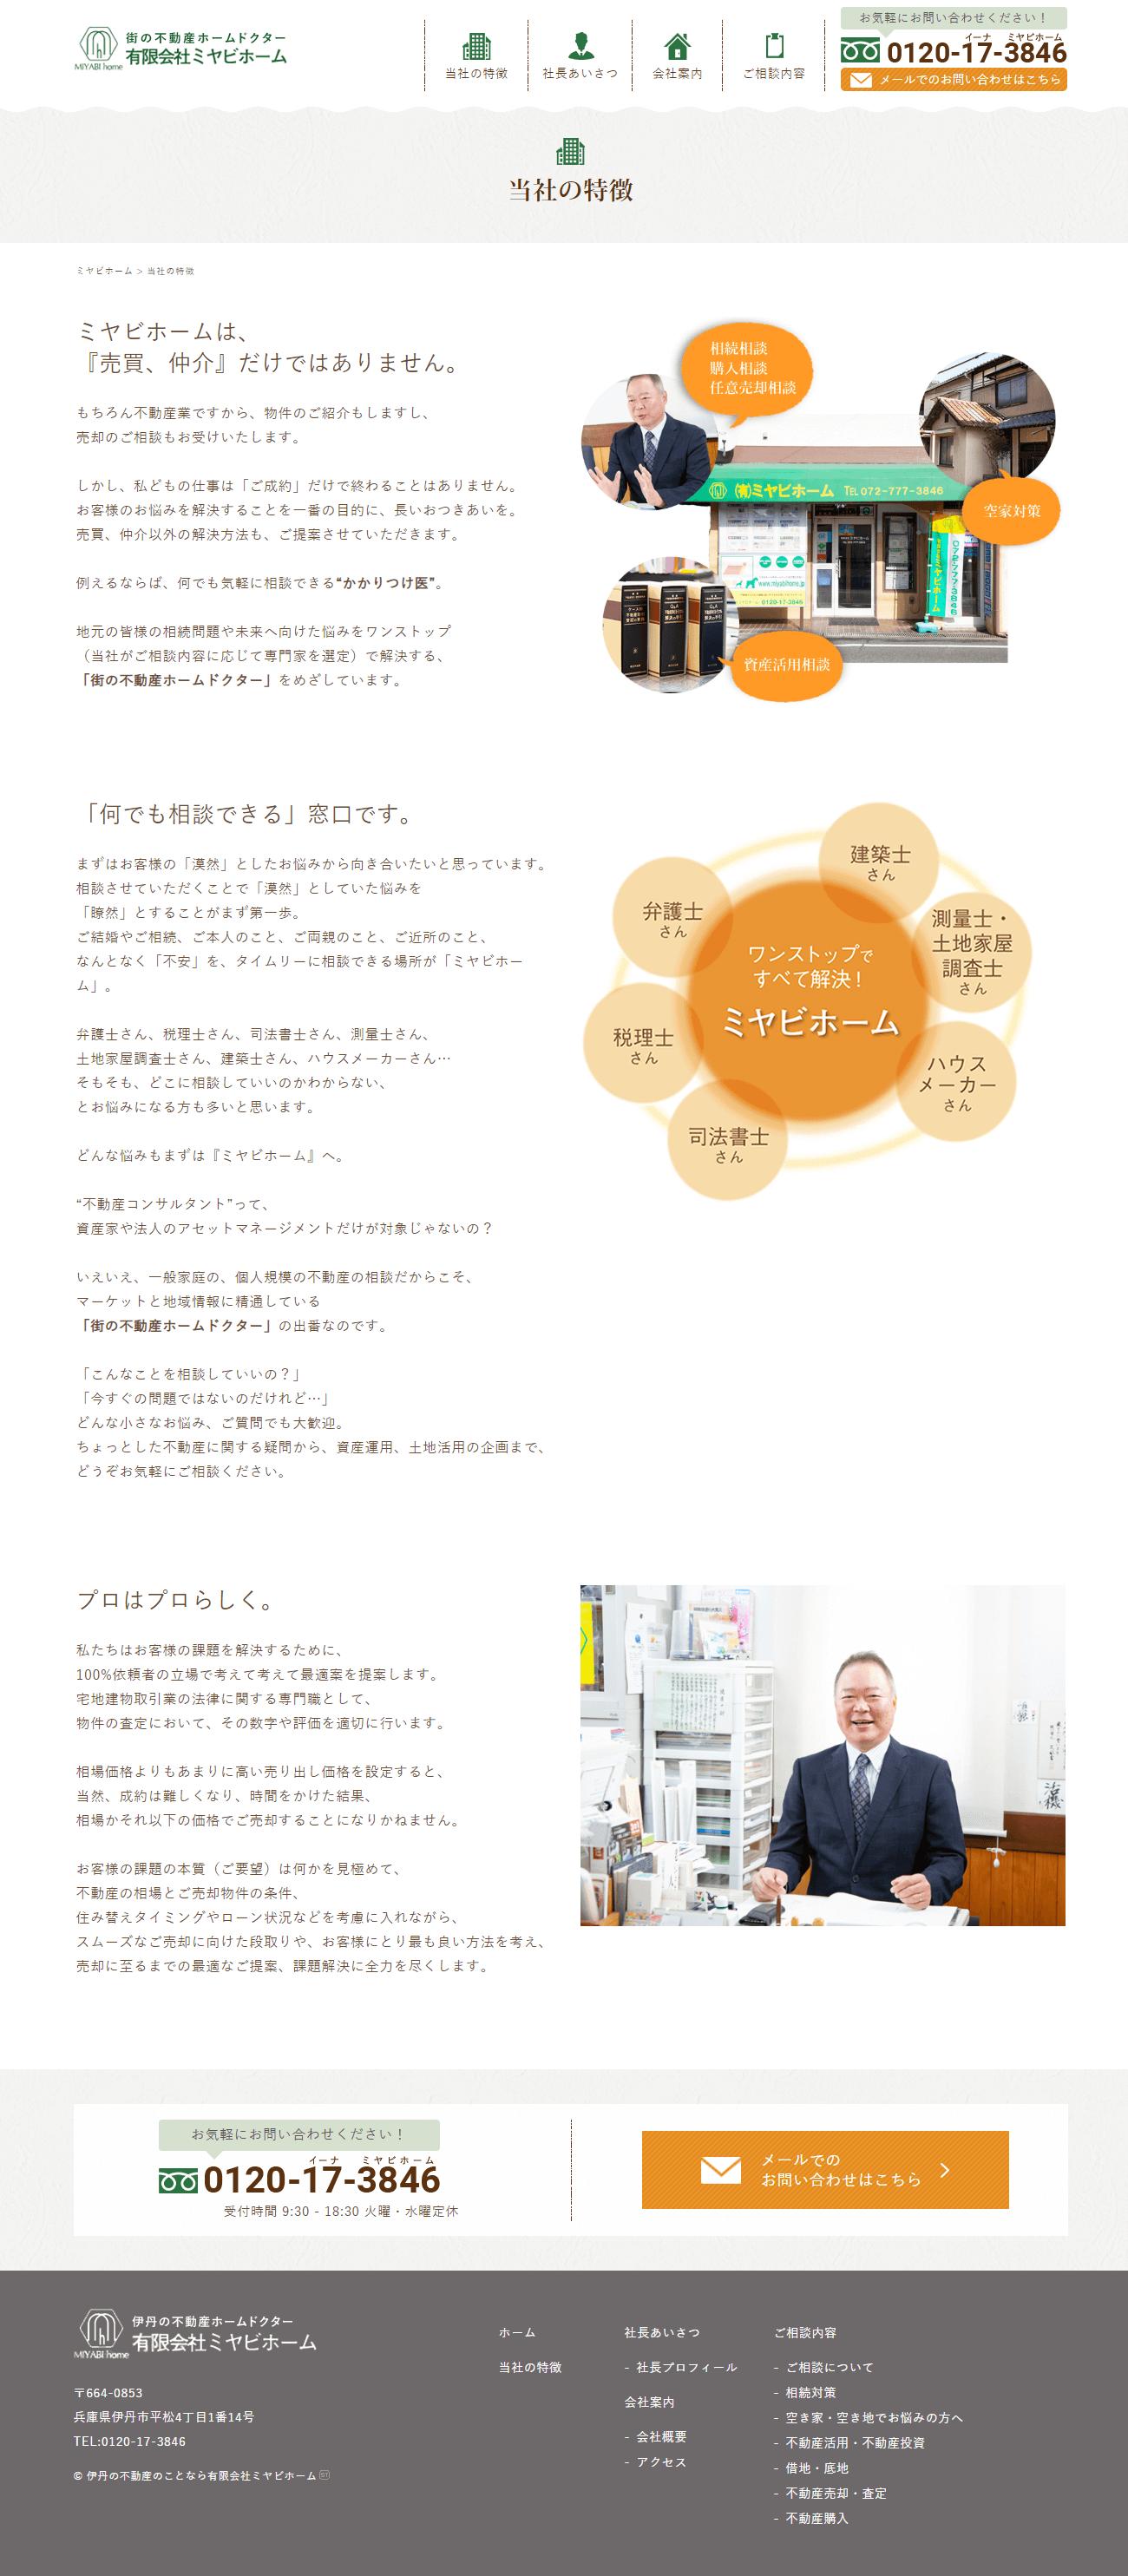 伊丹市 有限会社ミヤビホーム ホームページ制作2